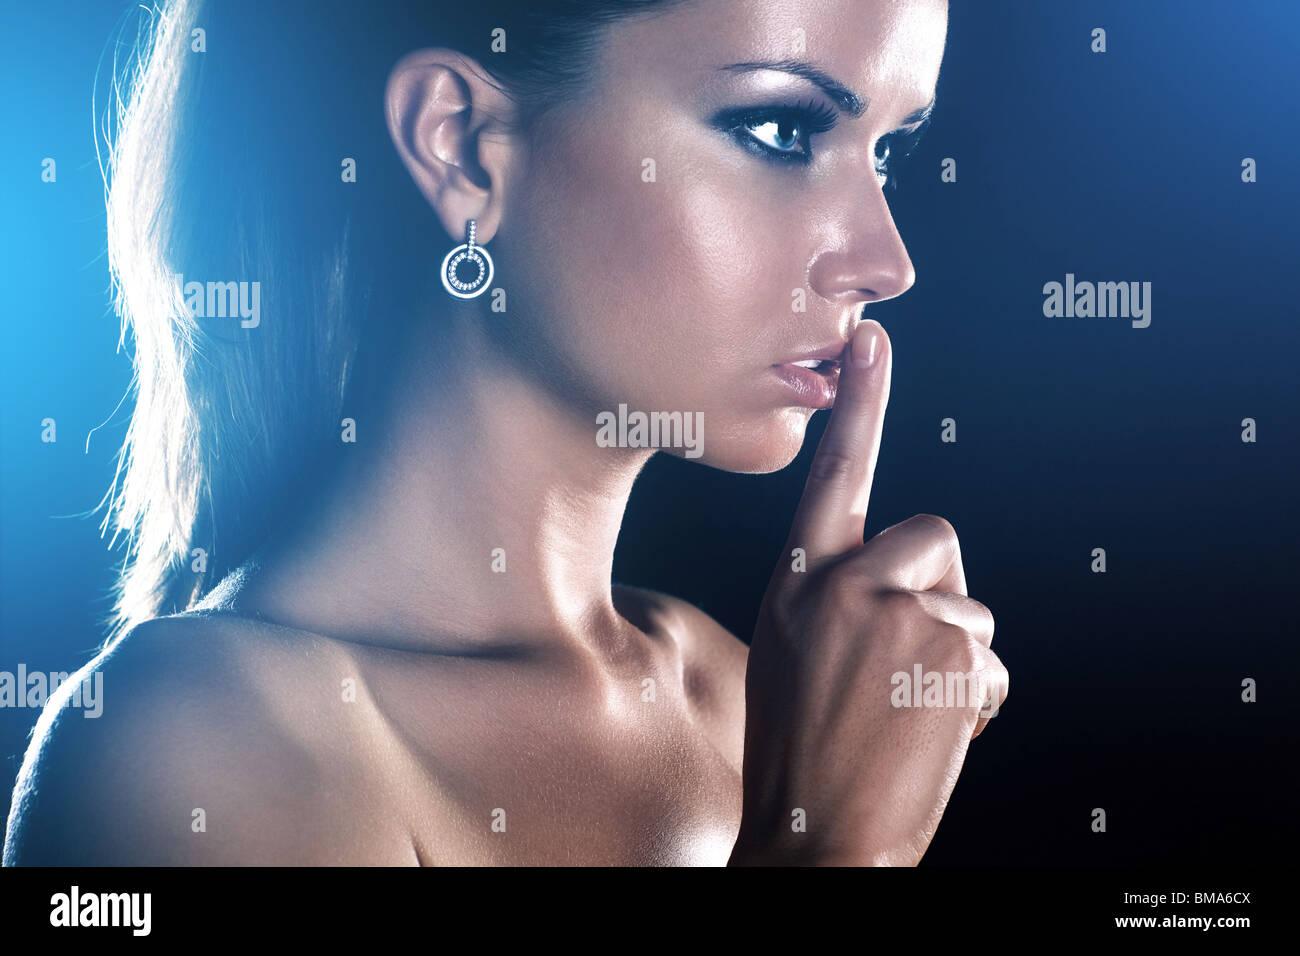 Giovane donna che mostra handsign tranquilla. Su sfondo scuro. Immagini Stock